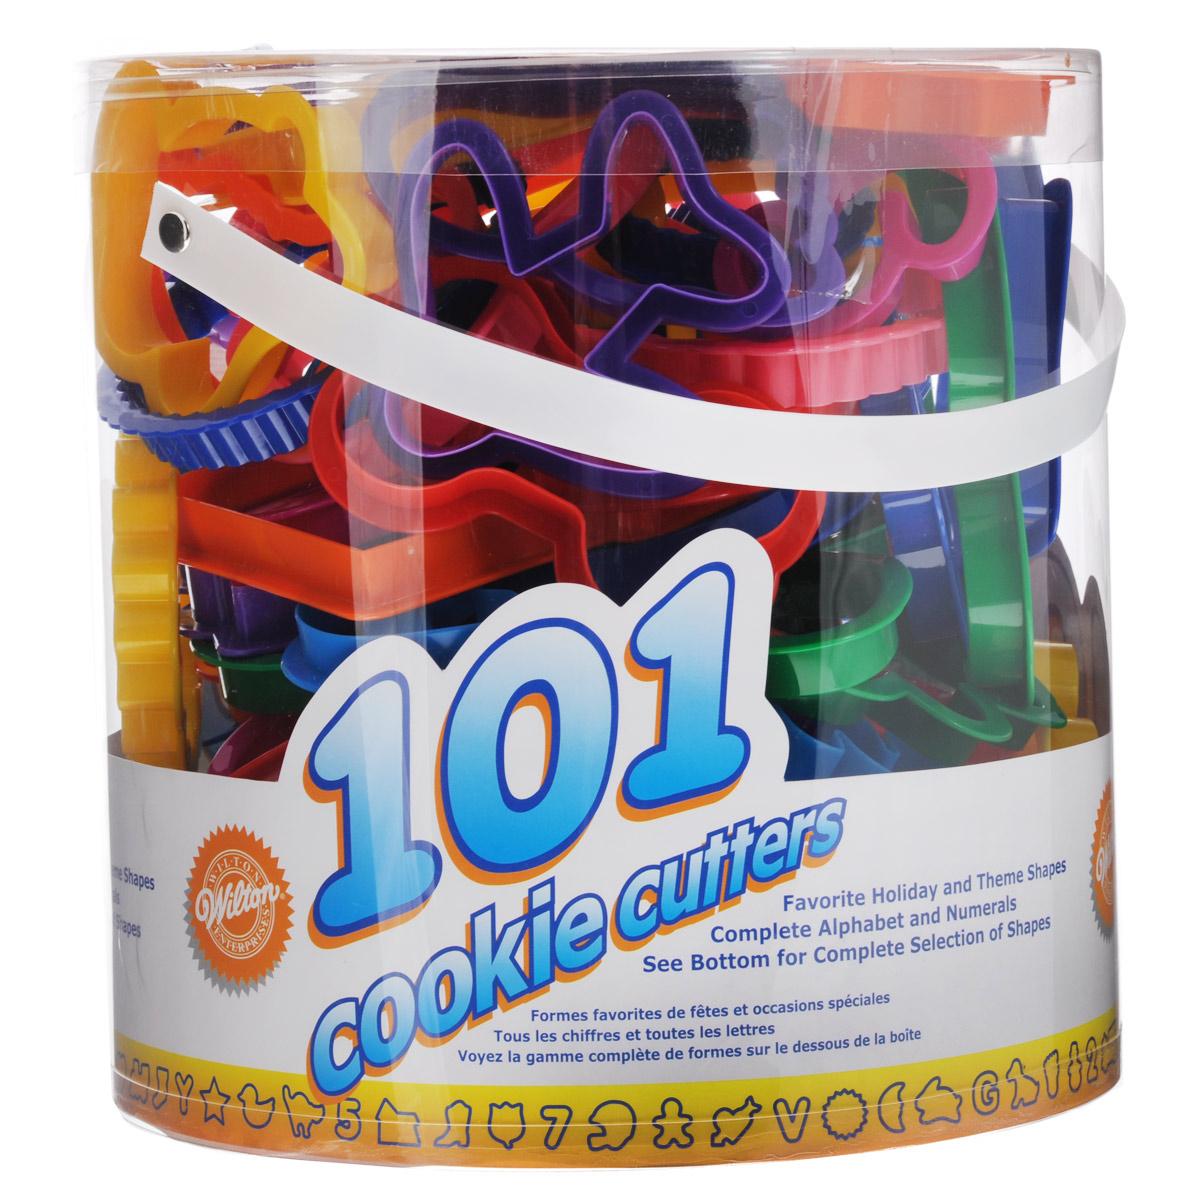 Набор форм для вырезания печенья Wilton, 101 штWLT-2304-1050Набор для вырезания печенья Wilton, выполненный из пищевого пластика, состоит из 101 формы. Изделия выполнены в виде букв, сердечек, цифр, животных и другие. Формы предназначены для создания печенья, сладких украшений, бутербродов, а также их можно использовать как трафареты для поделок не из пищевых материалов. С такими формами можно сделать множество интересных фигурок и изделий. Средний размер форм: 9 см х 9 см. Высота форм: 1,5 см.Комплектация: 101 шт.